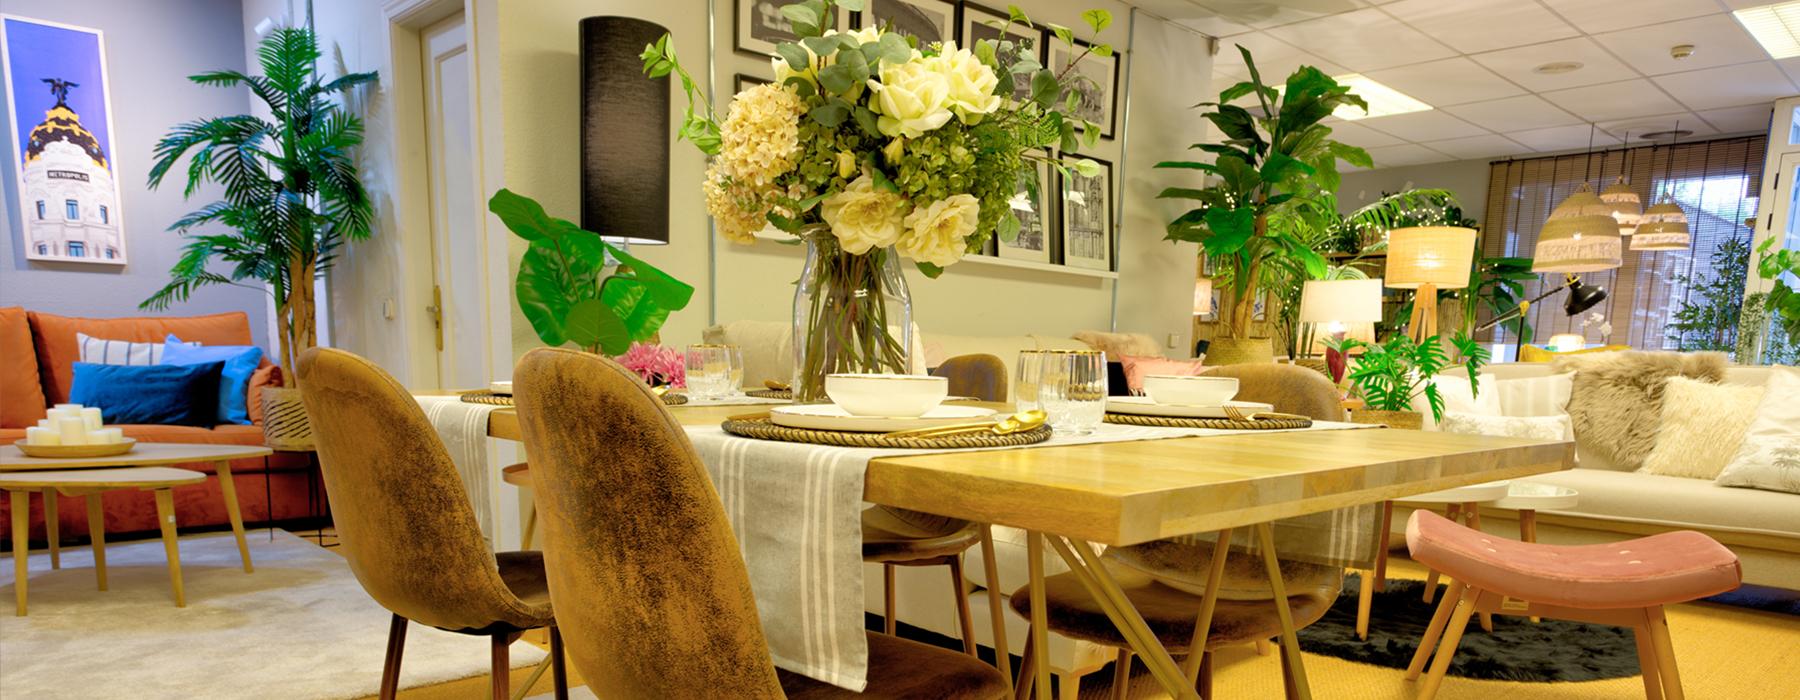 Packs de Muebles Home Essentials